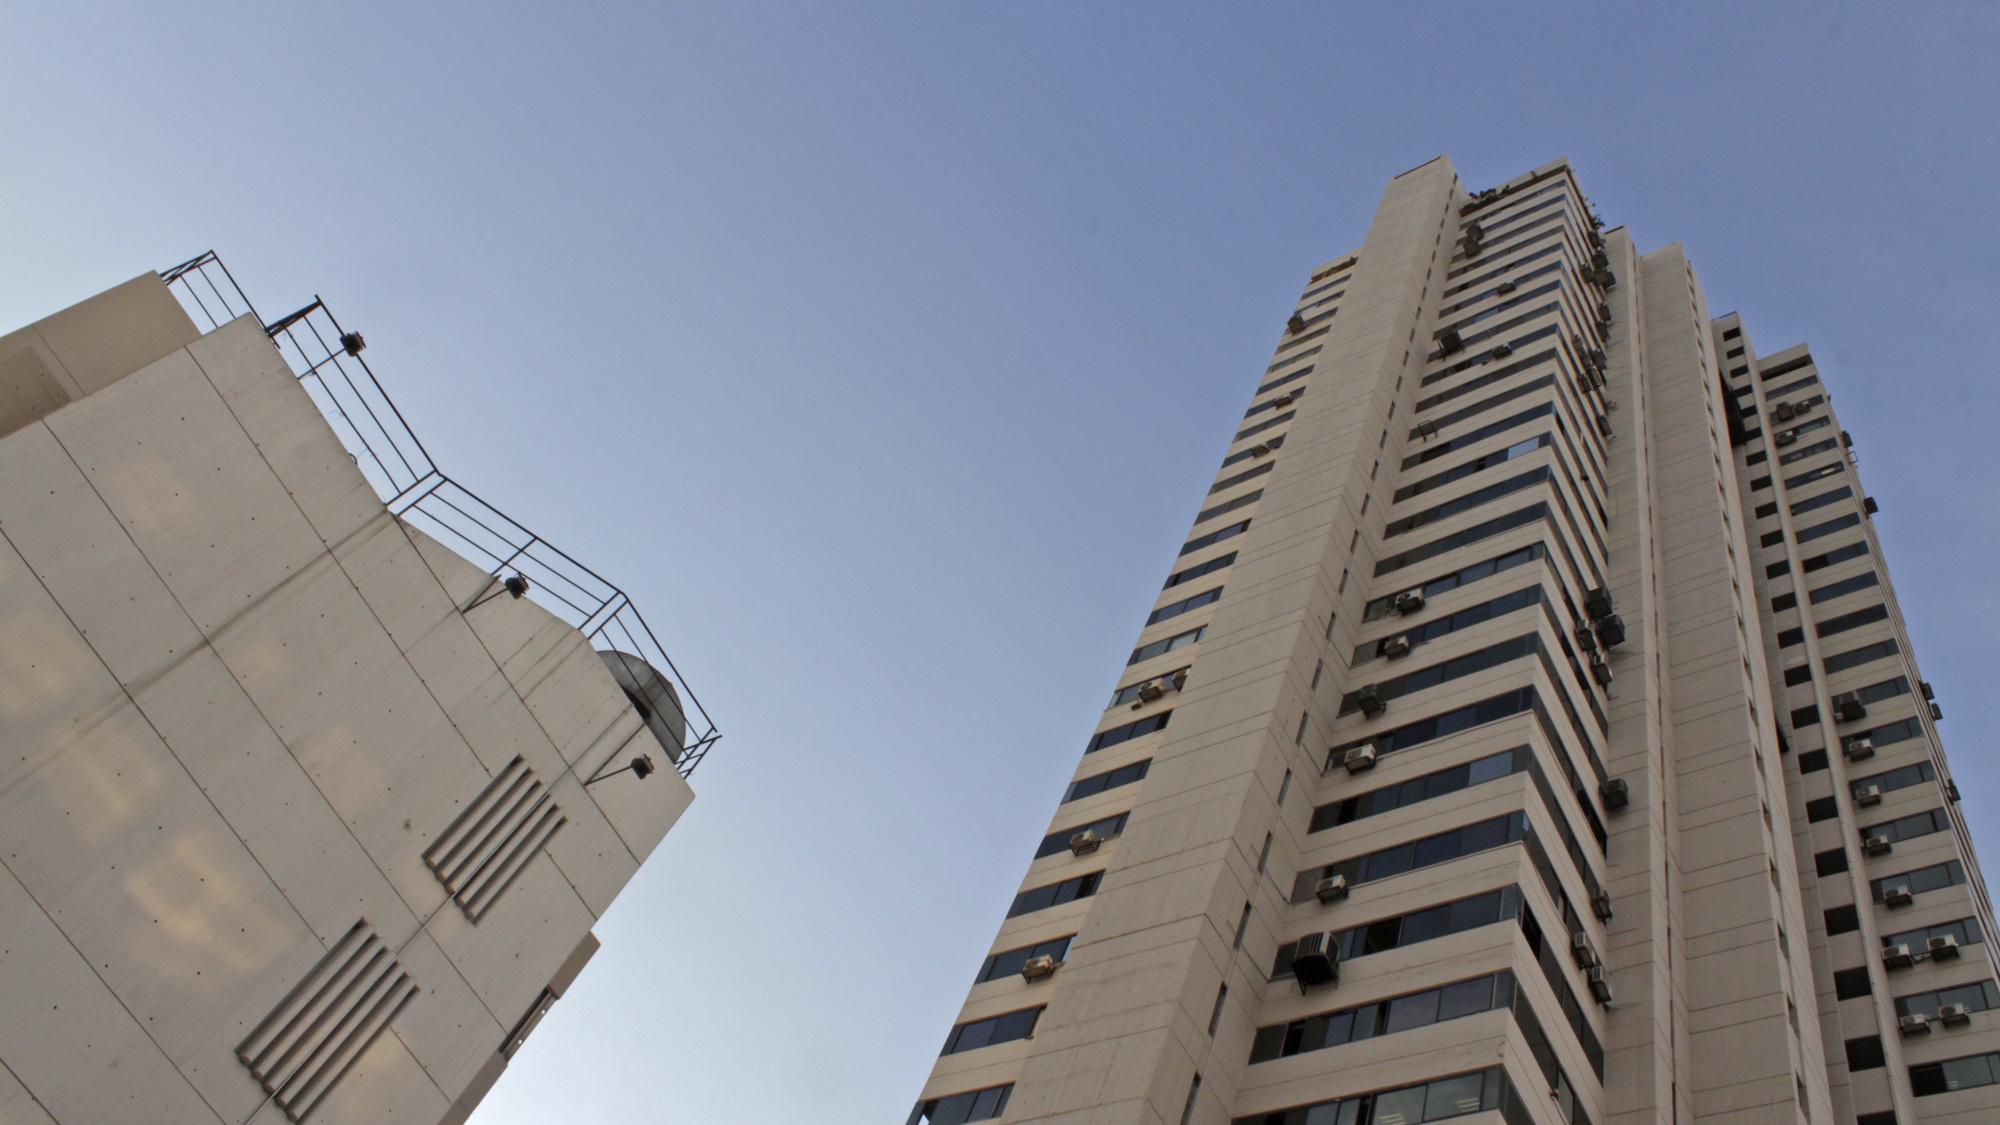 Guía de arquitectura moderna de Lima: 16 obras que debes conocer